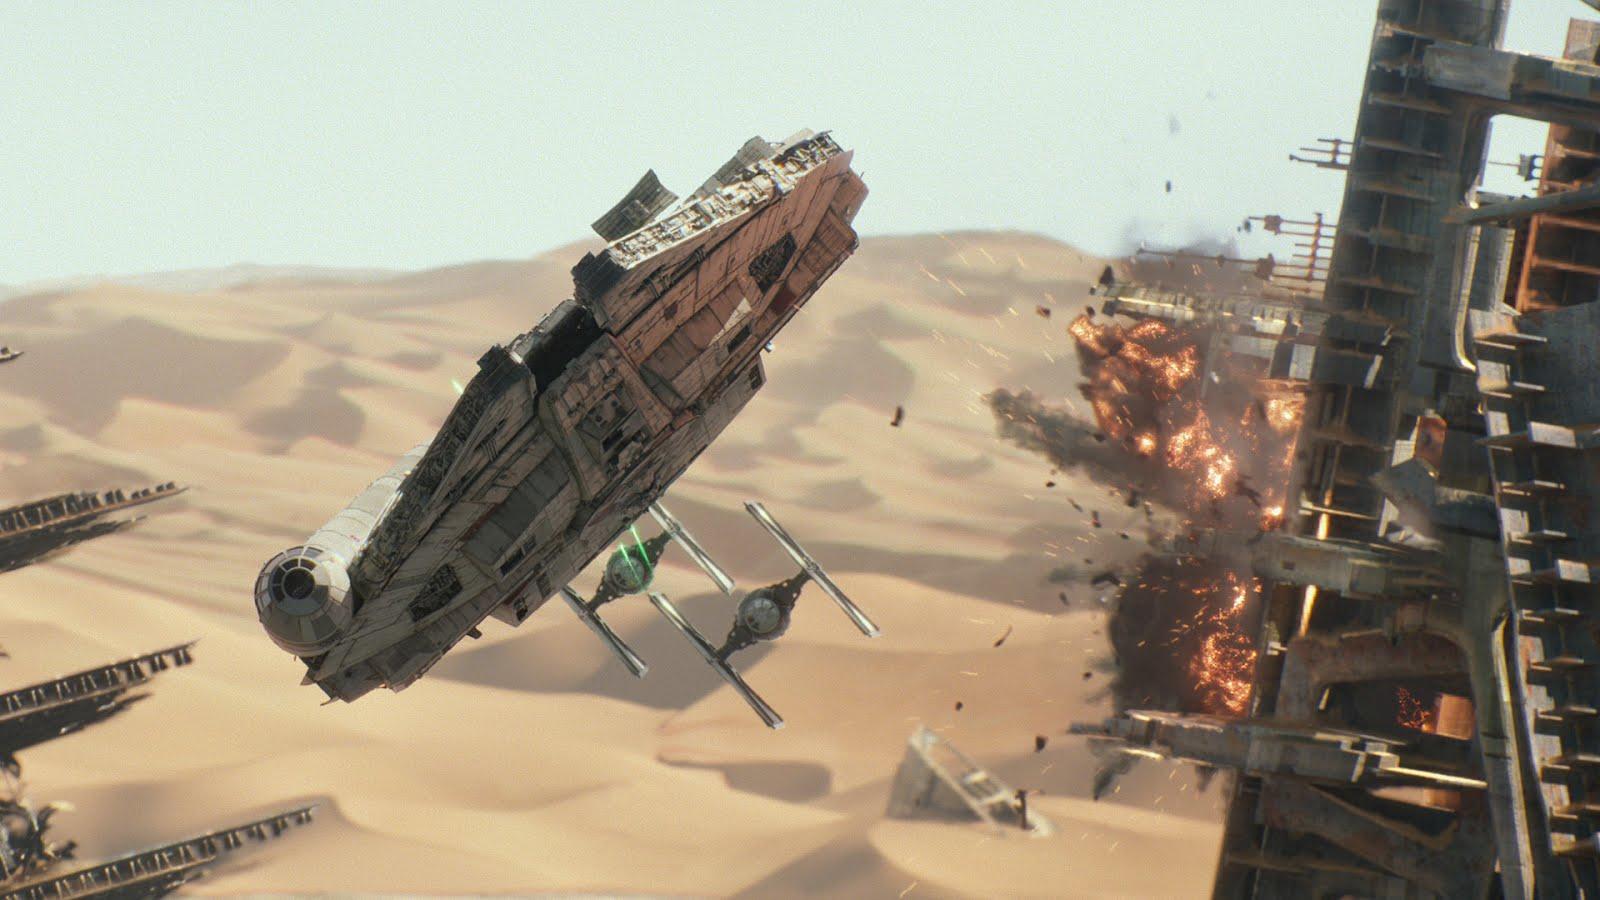 Nación De Superhéroes 7 Grandes Escenas De Star Wars Episodio Vii El Despertar De La Fuerza